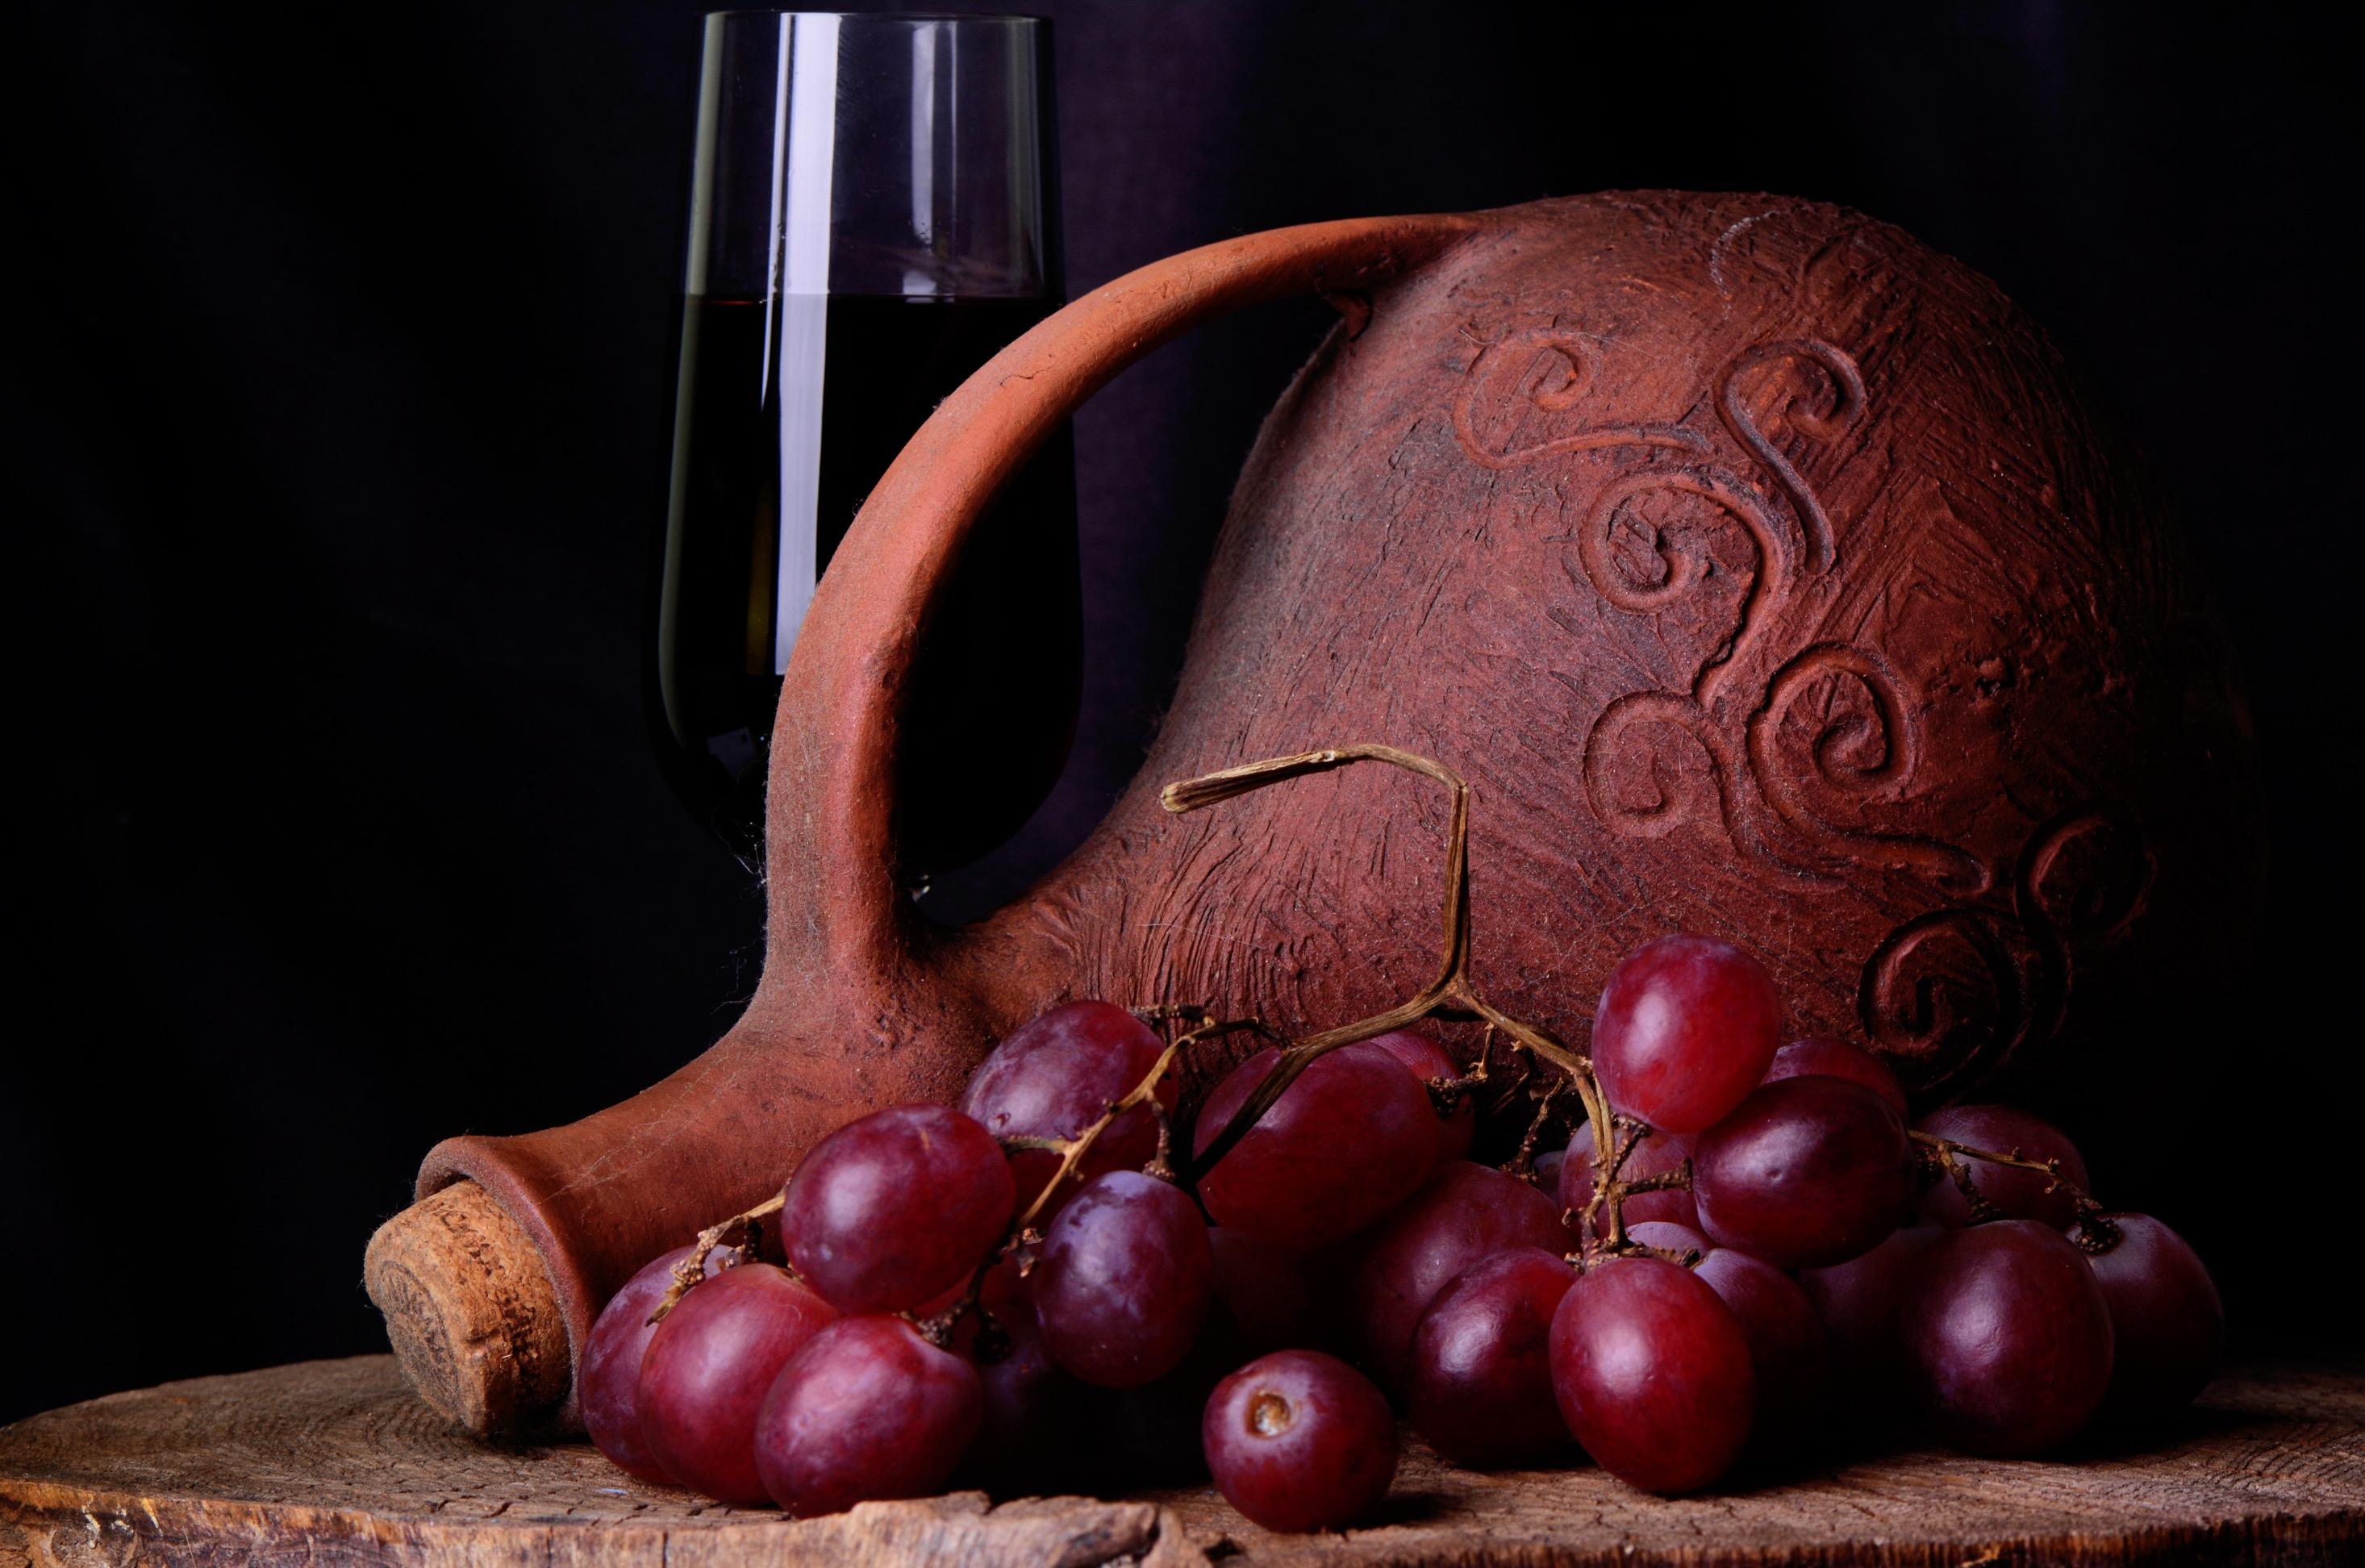 クレオパトラの涙と言われたジョージアワイン。歴史と魅力を解説